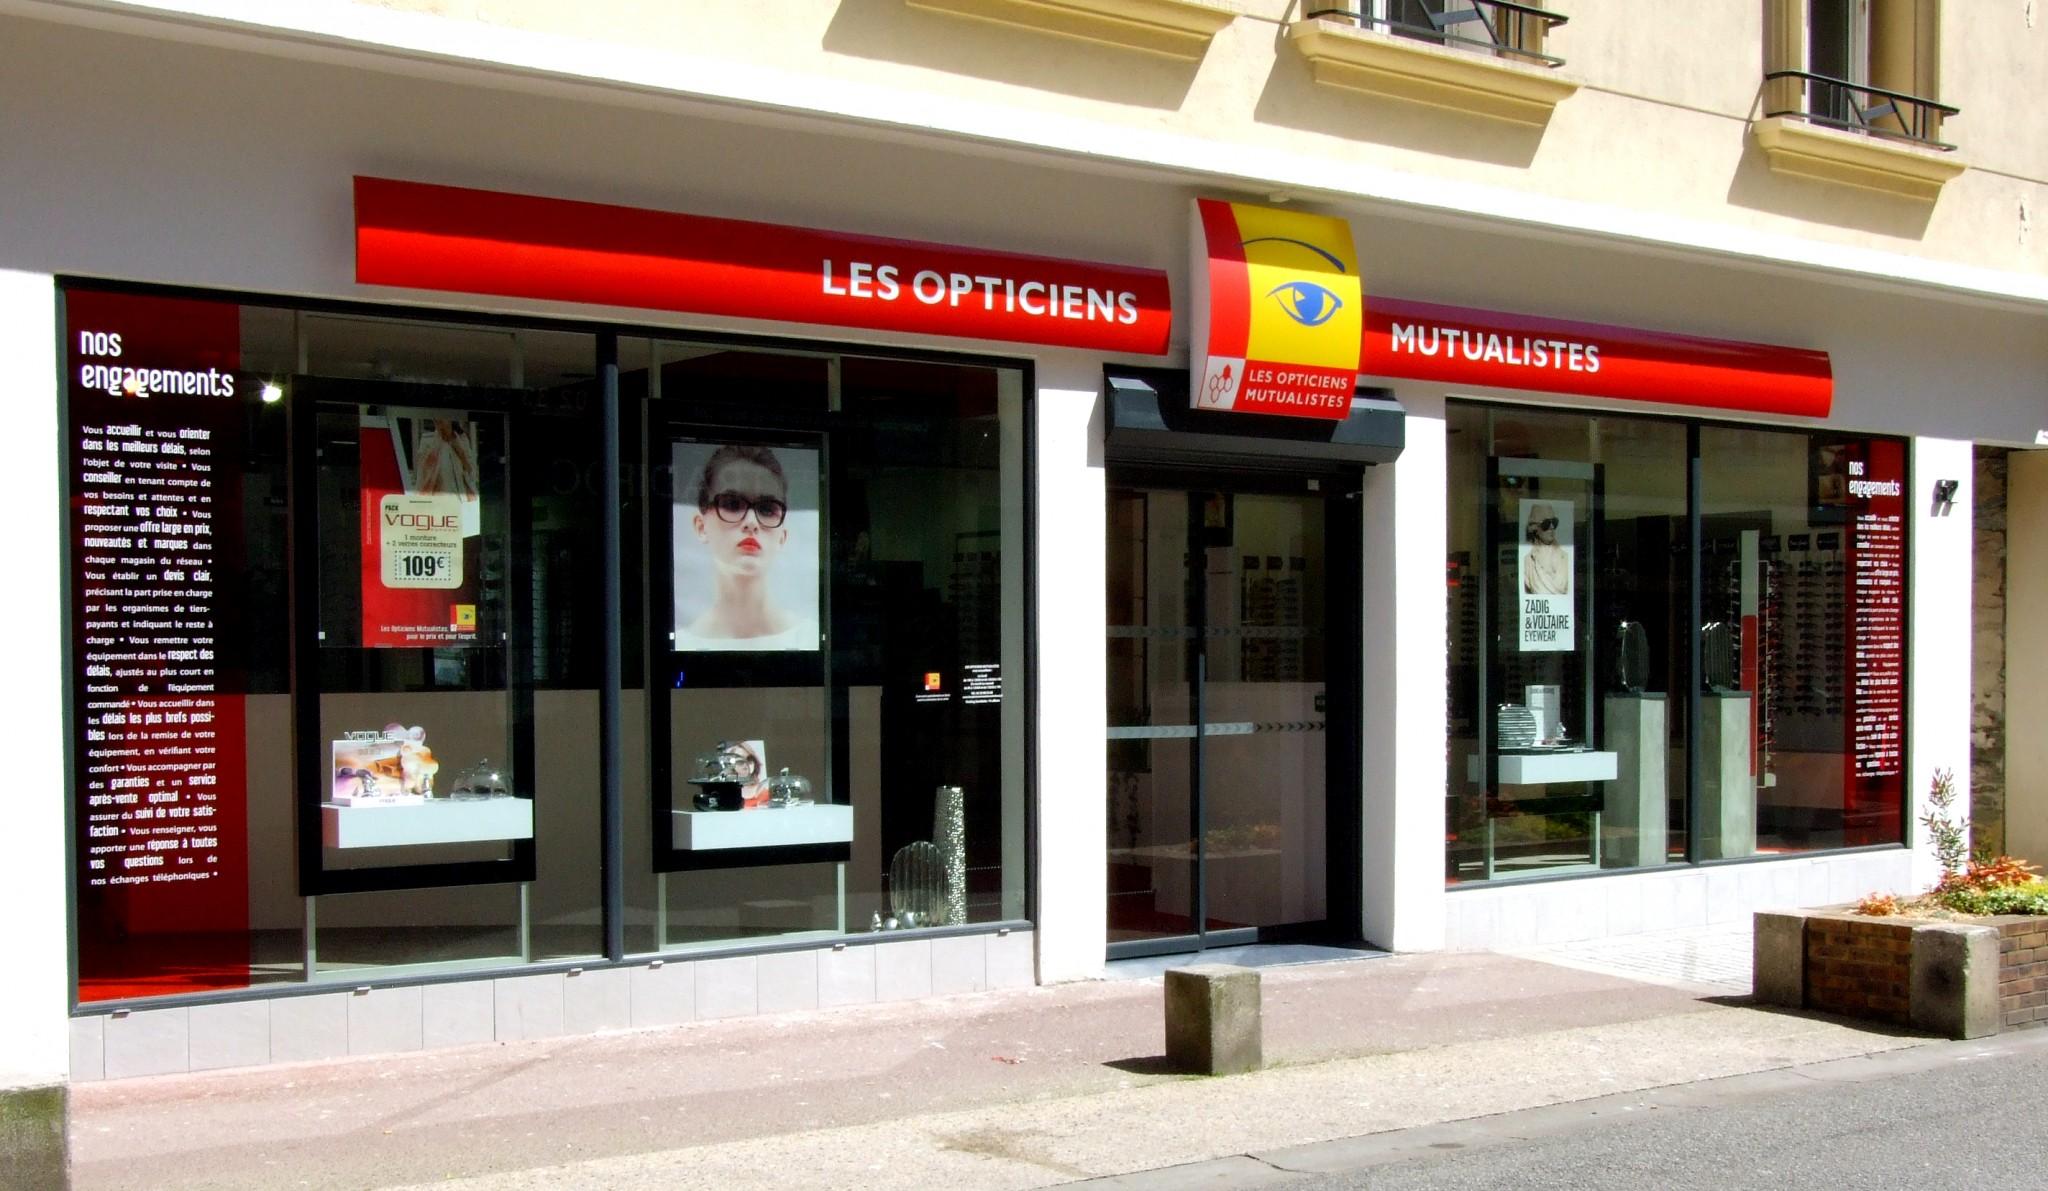 Les Opticiens Mutualistes - Union Cherbourg Commerces 625741531fc9